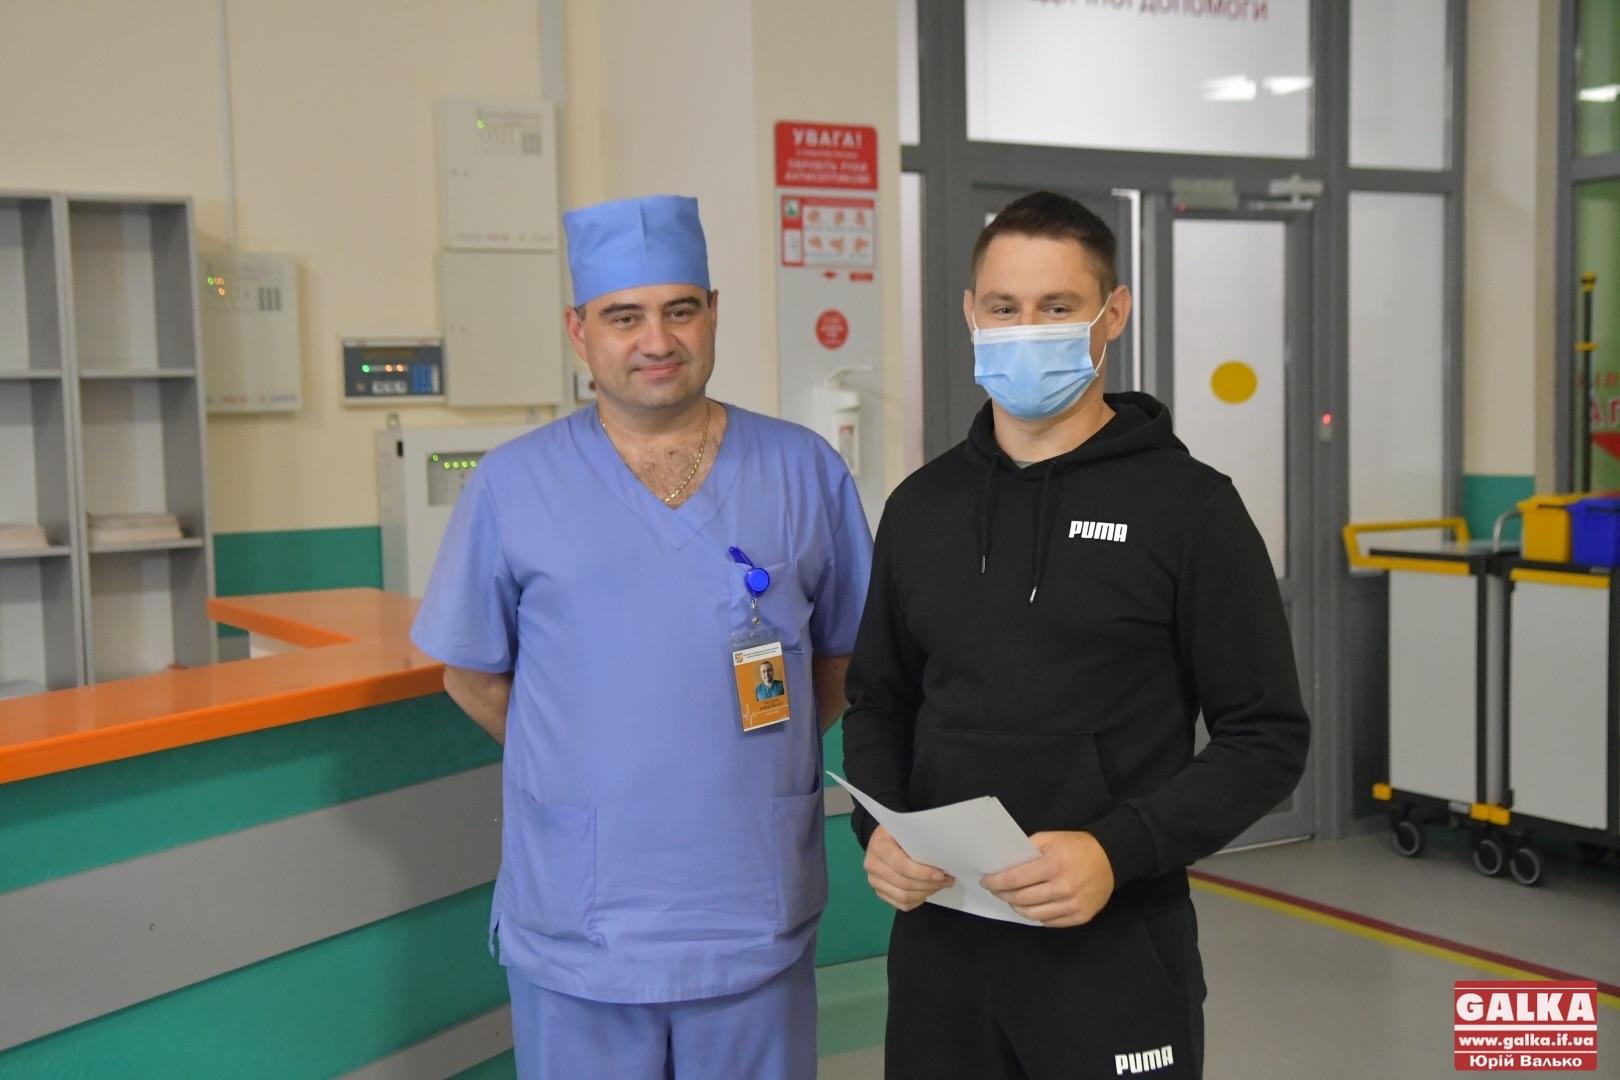 «Набагато краще почуваюся, хочеться жити далі!»: з ЦМКЛ виписали чоловіка, якому вперше на Франківщині пересадили нирку (ФОТО)